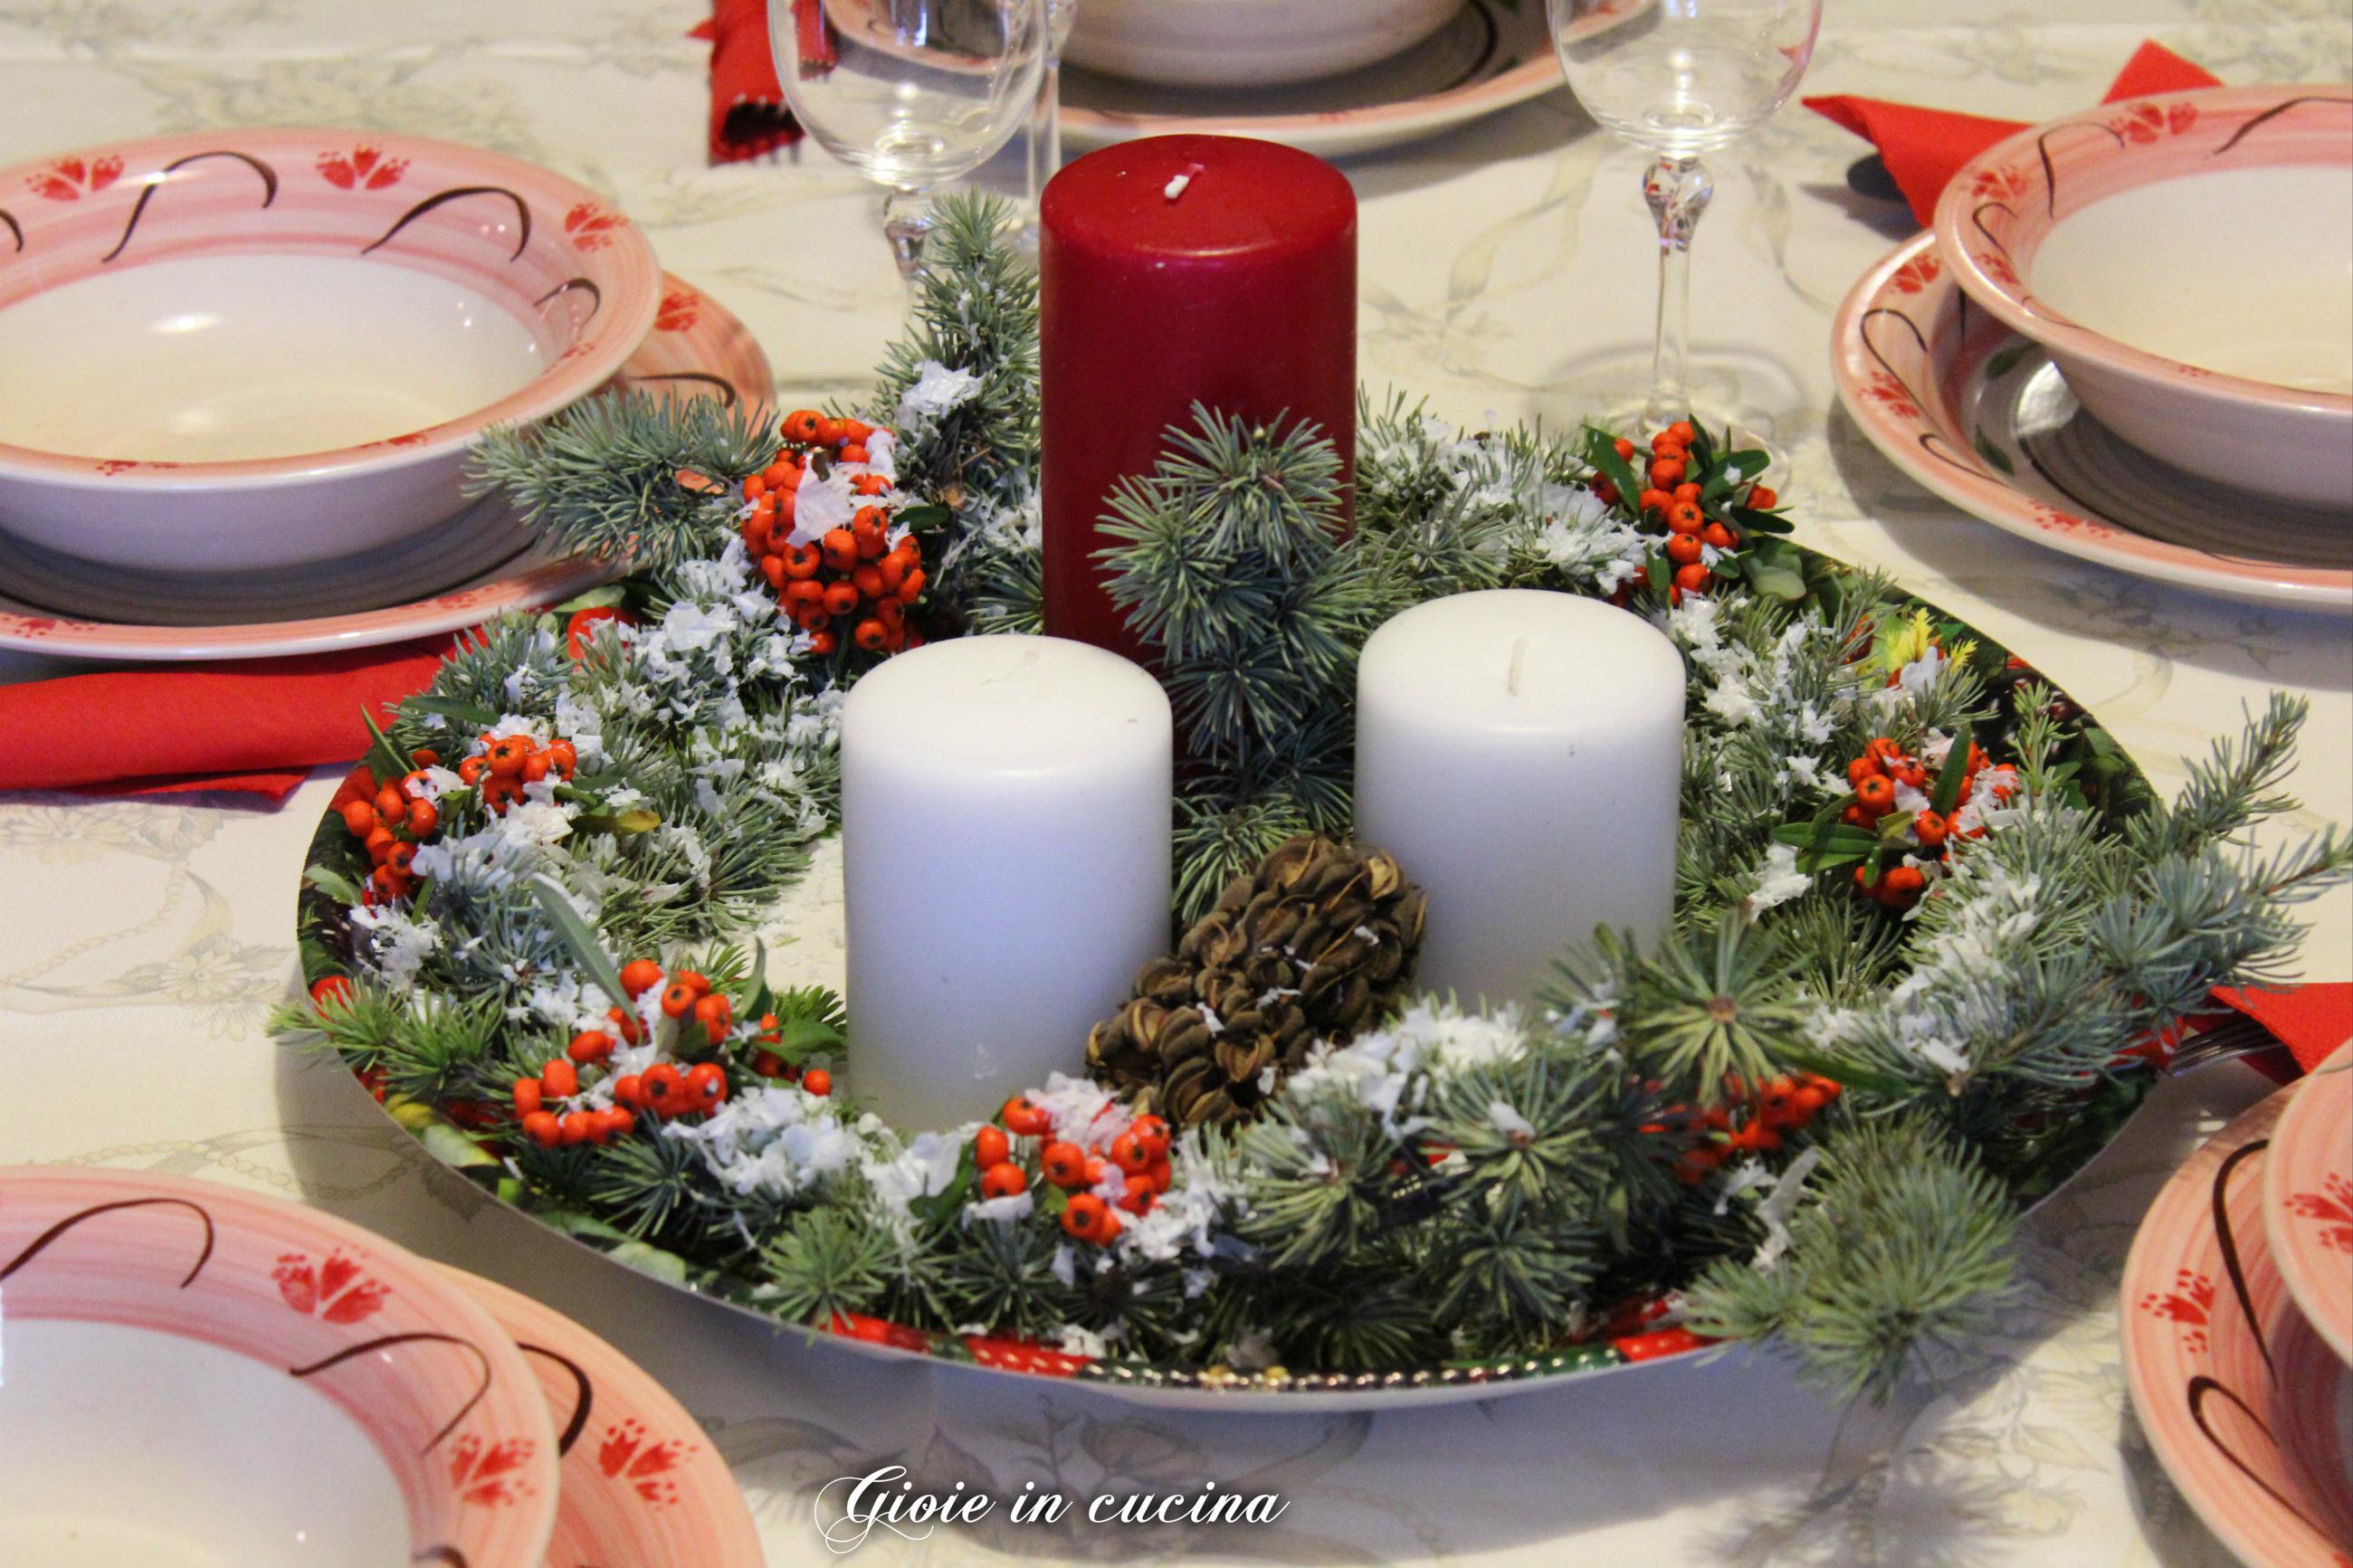 Centro tavola natalizio fai da te gioie in cucina - Tavola natale fai da te ...